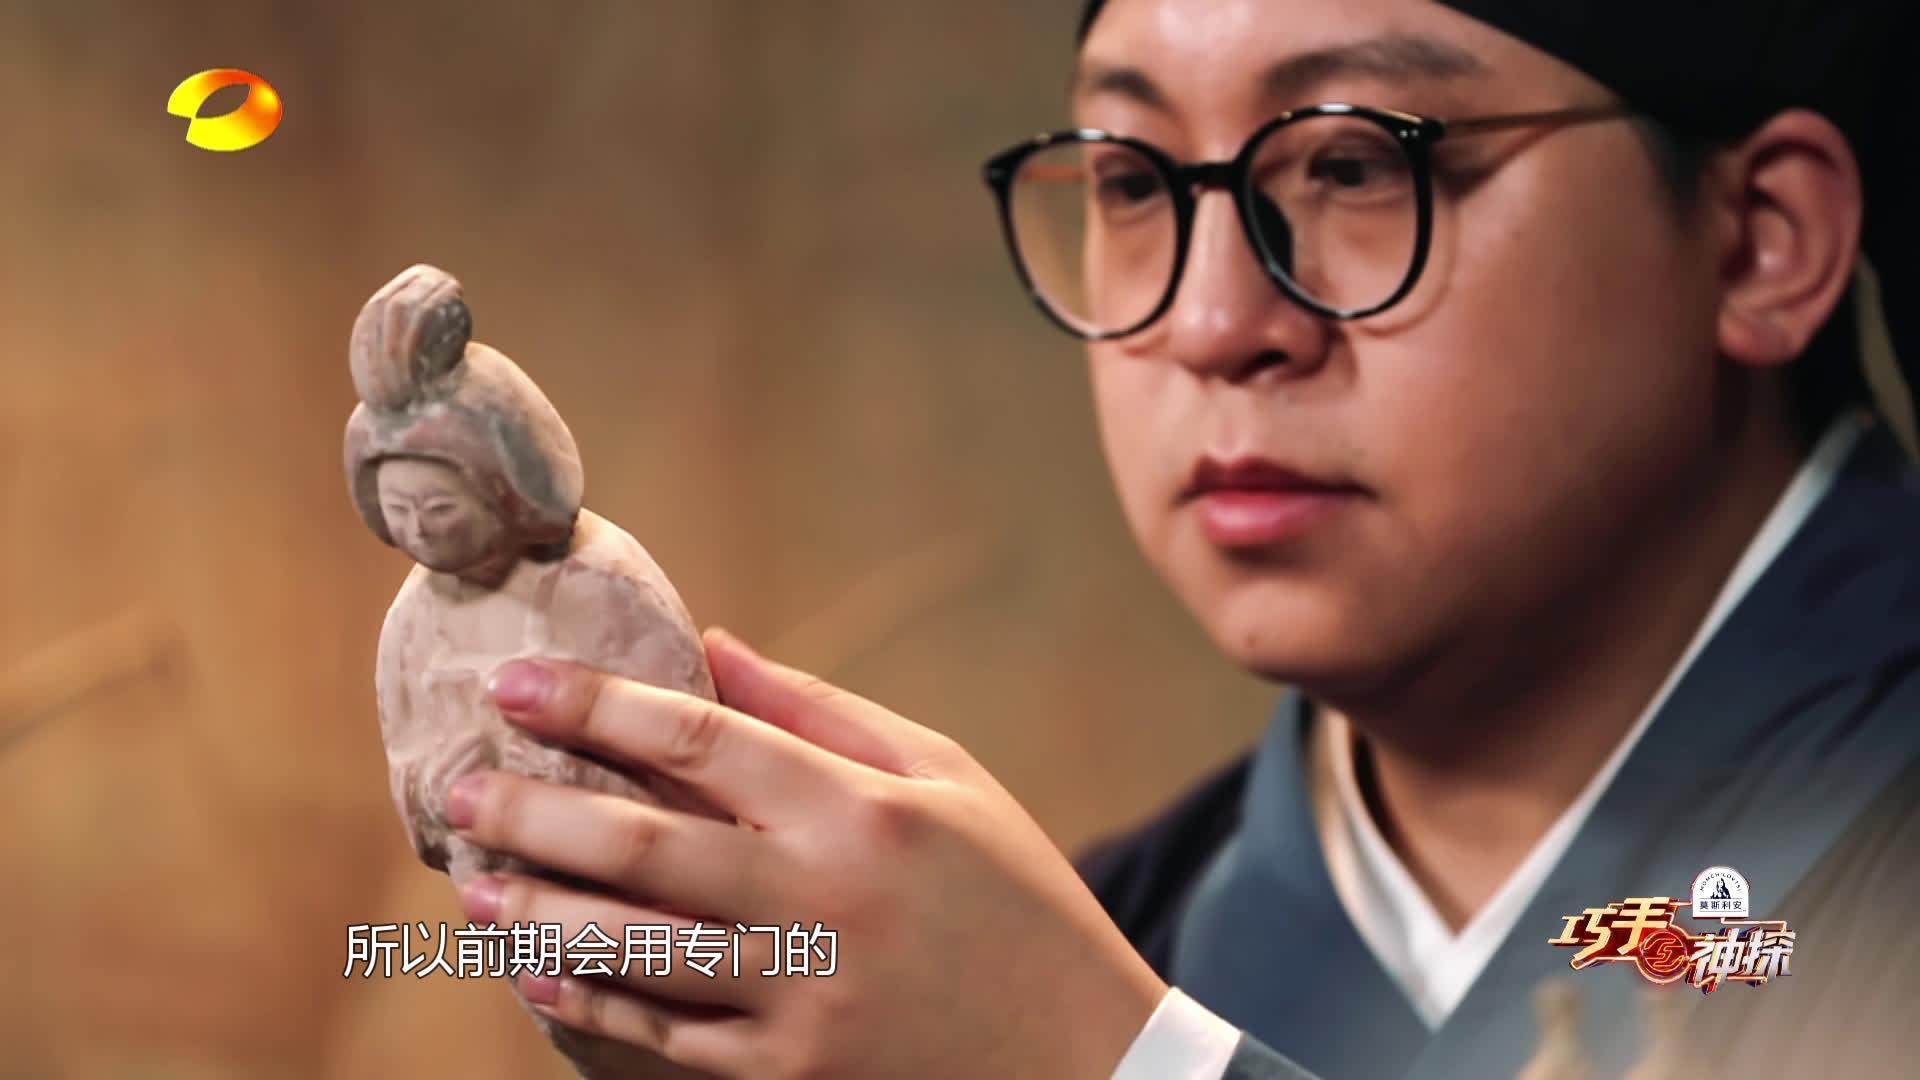 手作揭秘 修复陶器,@刘胄-文物修复师 又有绝招 每一处细节……